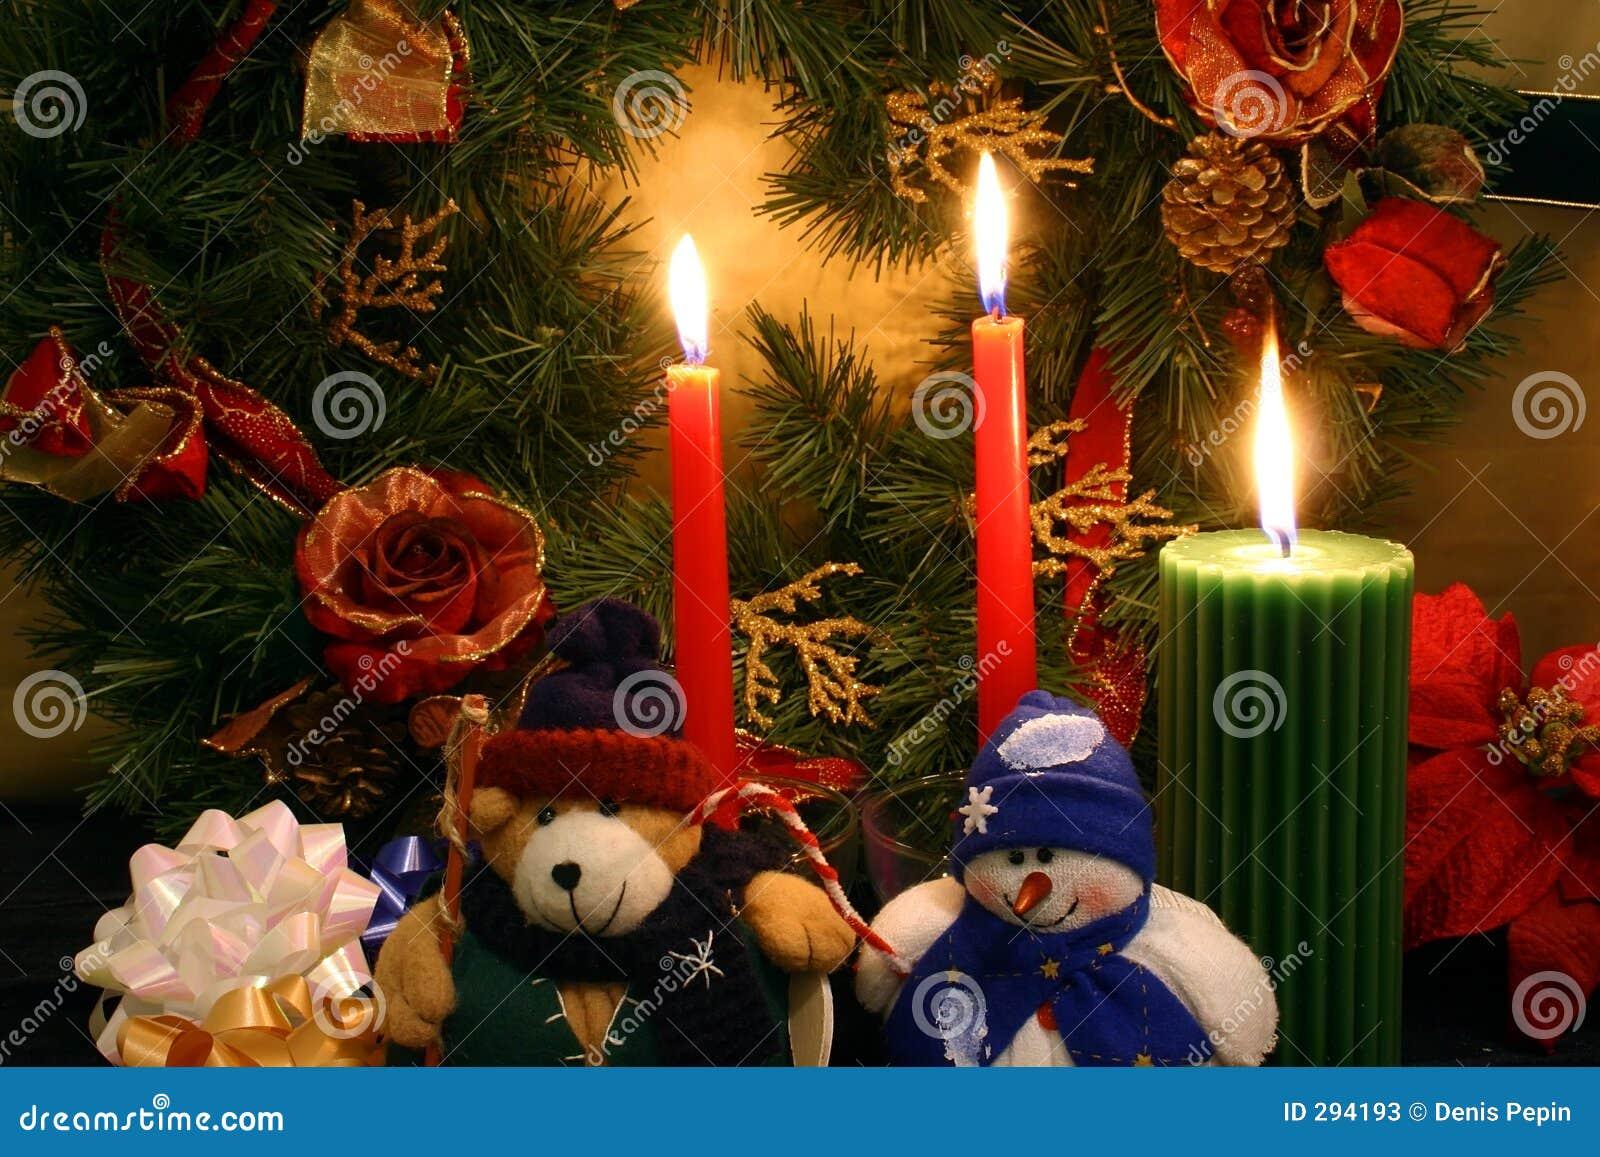 In de Geest van Kerstmis, Één Gevulde Teddy en Één Gevulde Sneeuwman